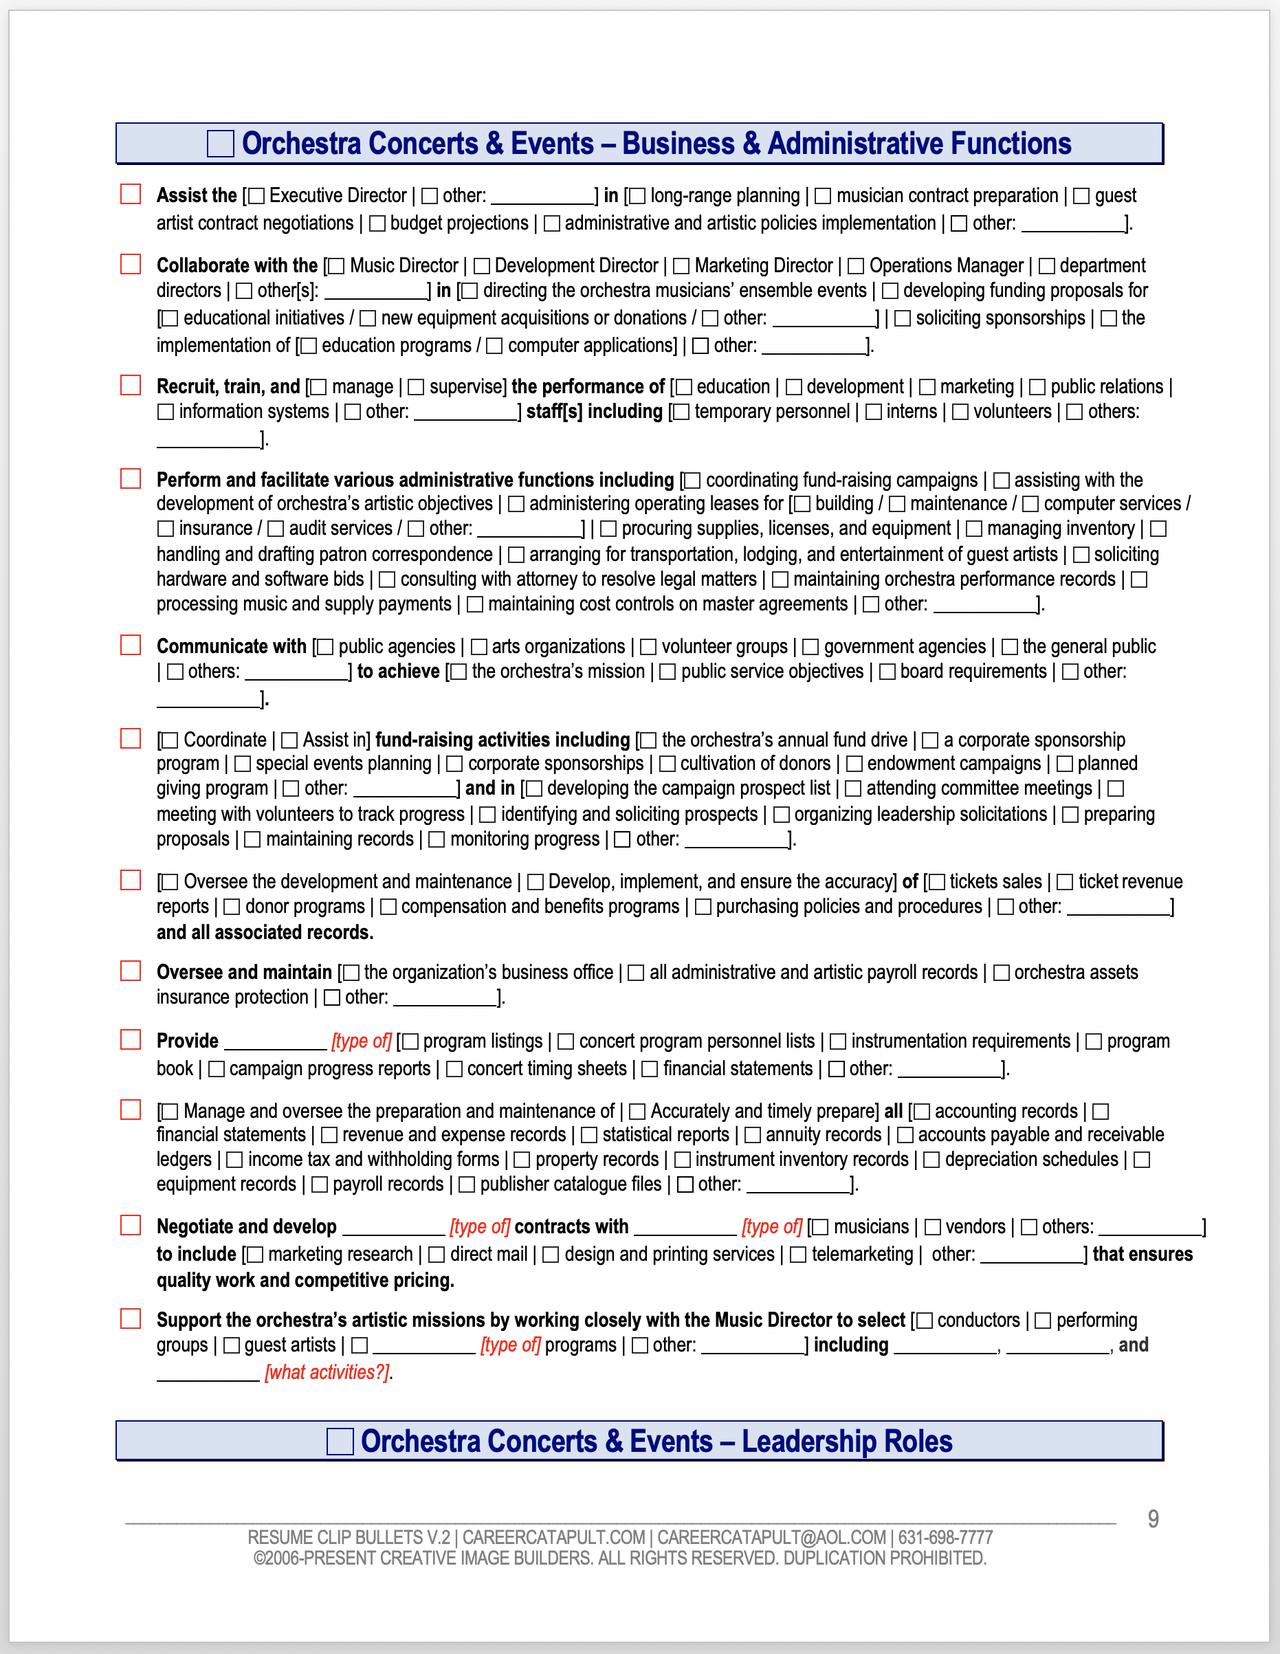 resume clipbullets sample - pg.9.png